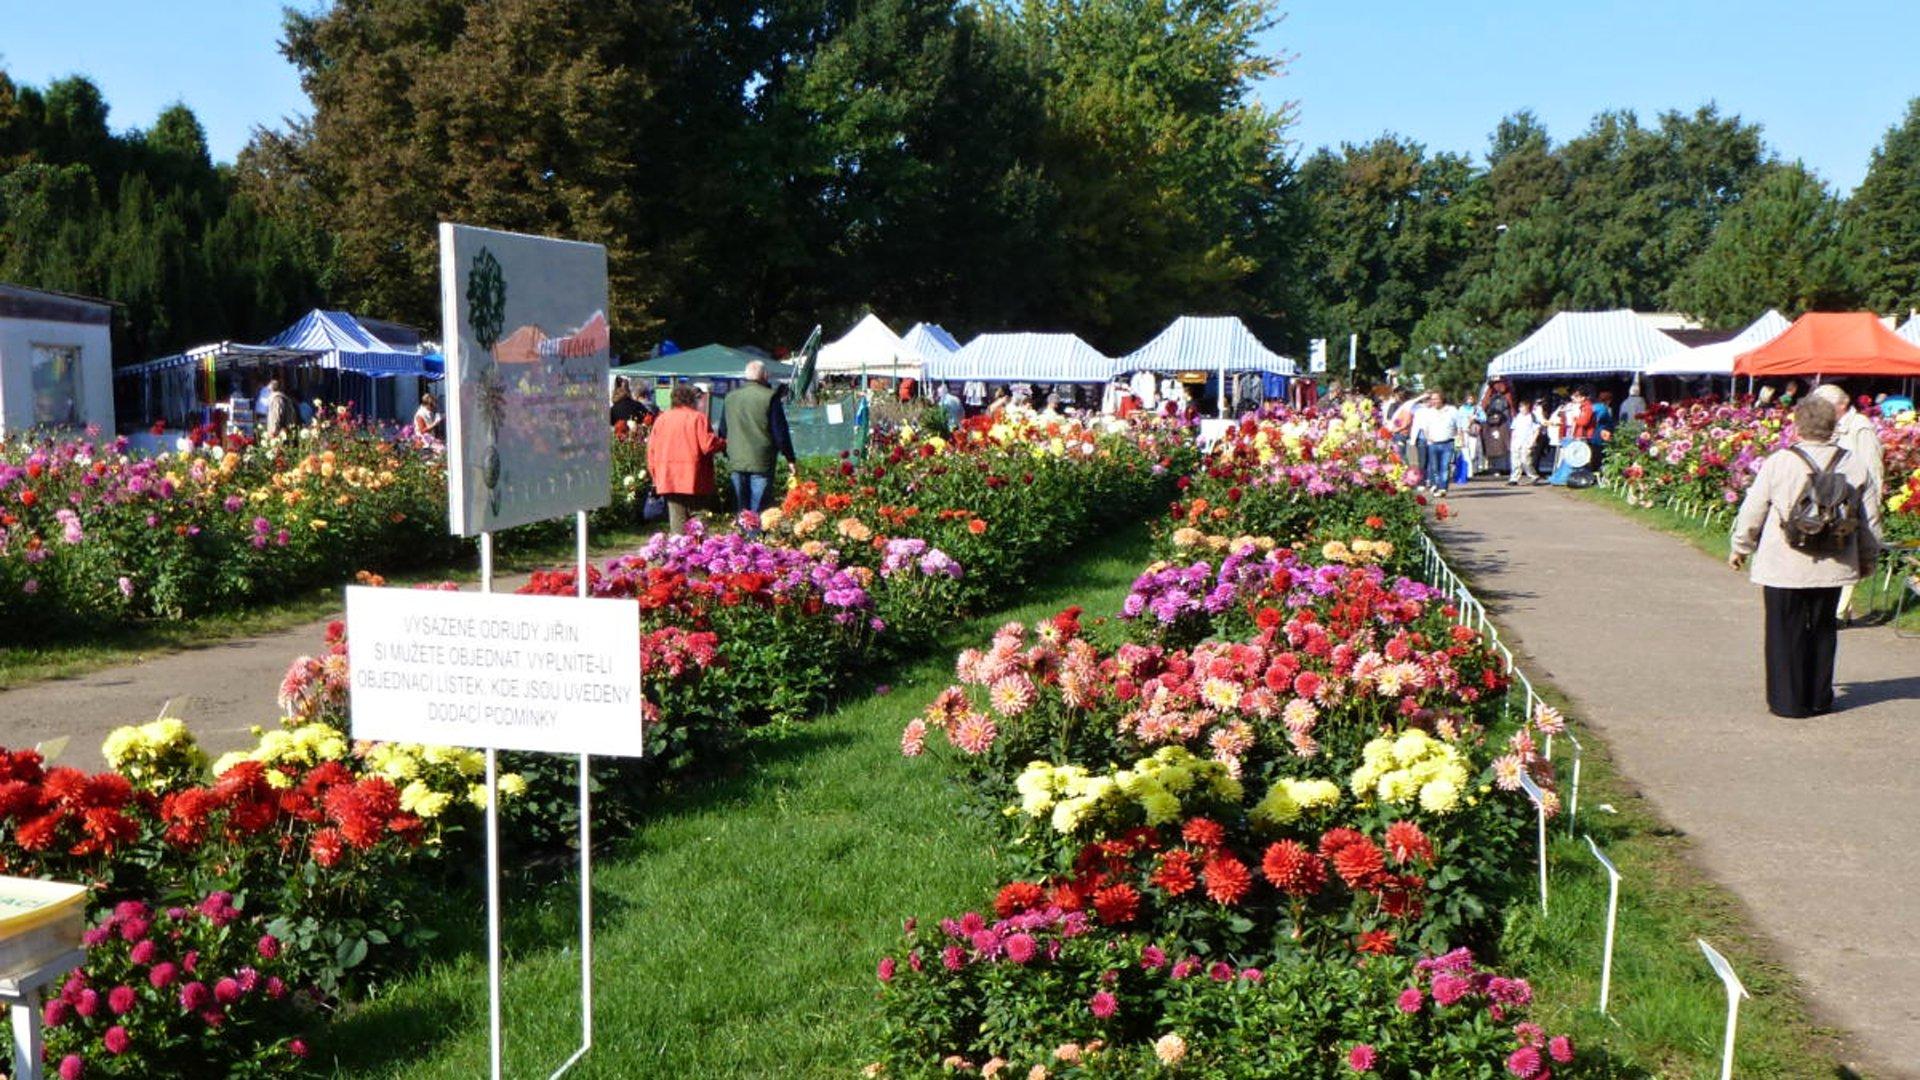 Zahrada Čech 2020 – Průvodce výstavou zahrádkářů a zemědělců